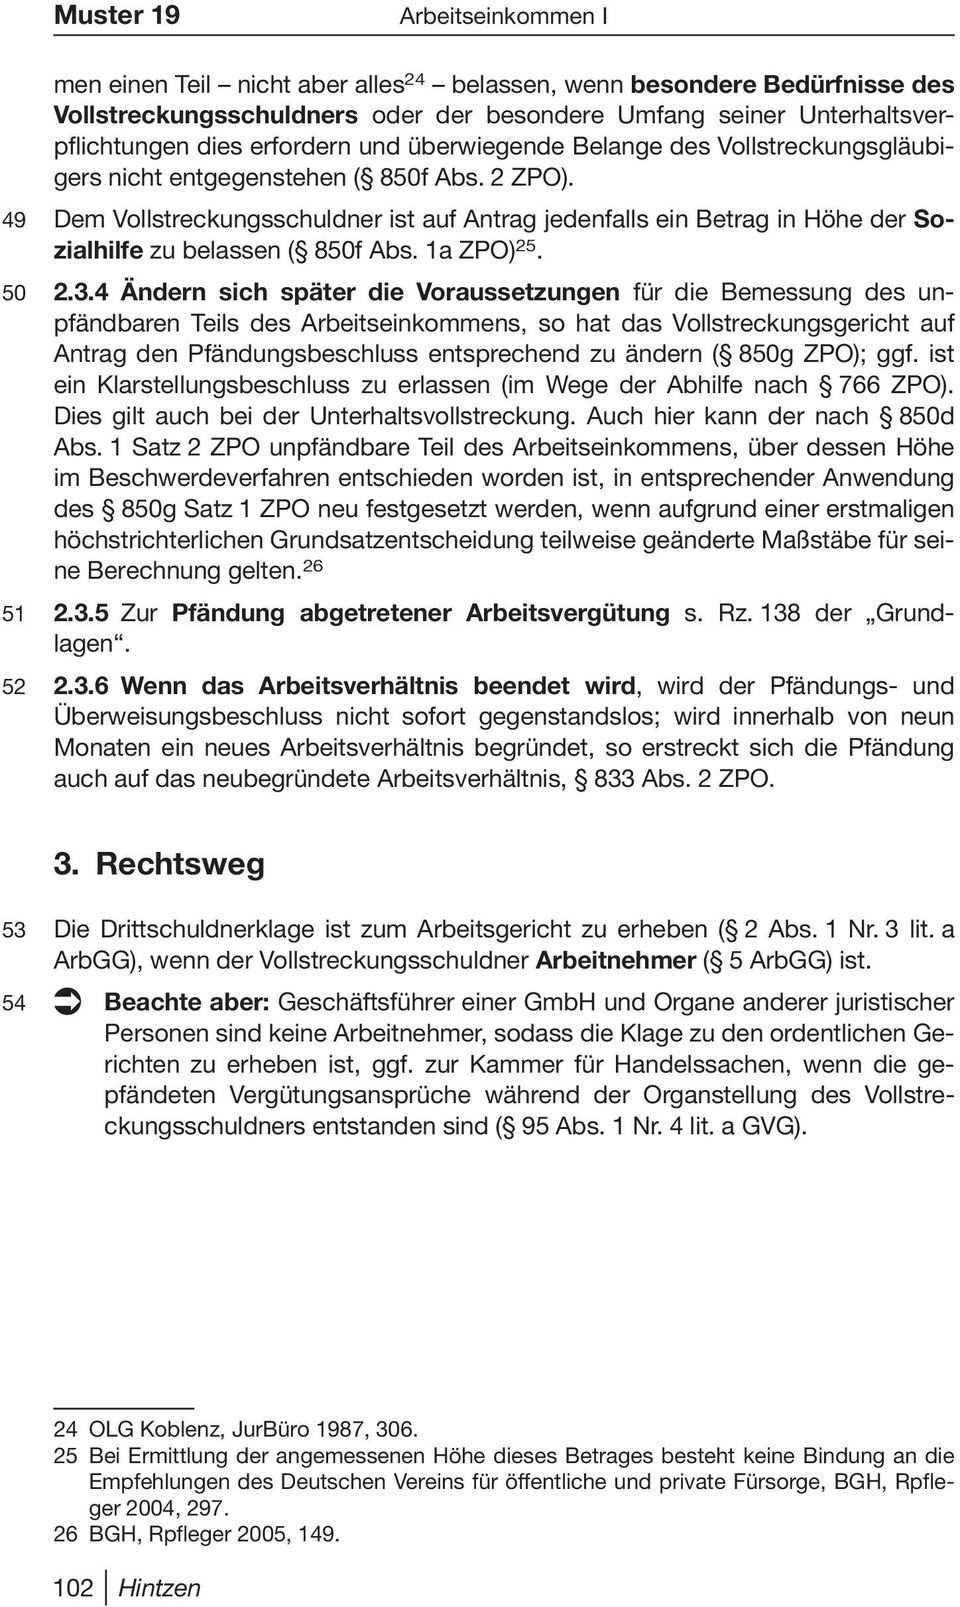 Diepold Hintzen Musterantrage Fur Pfandung Und Uberweisung 9 Auflage Pdf Free Download